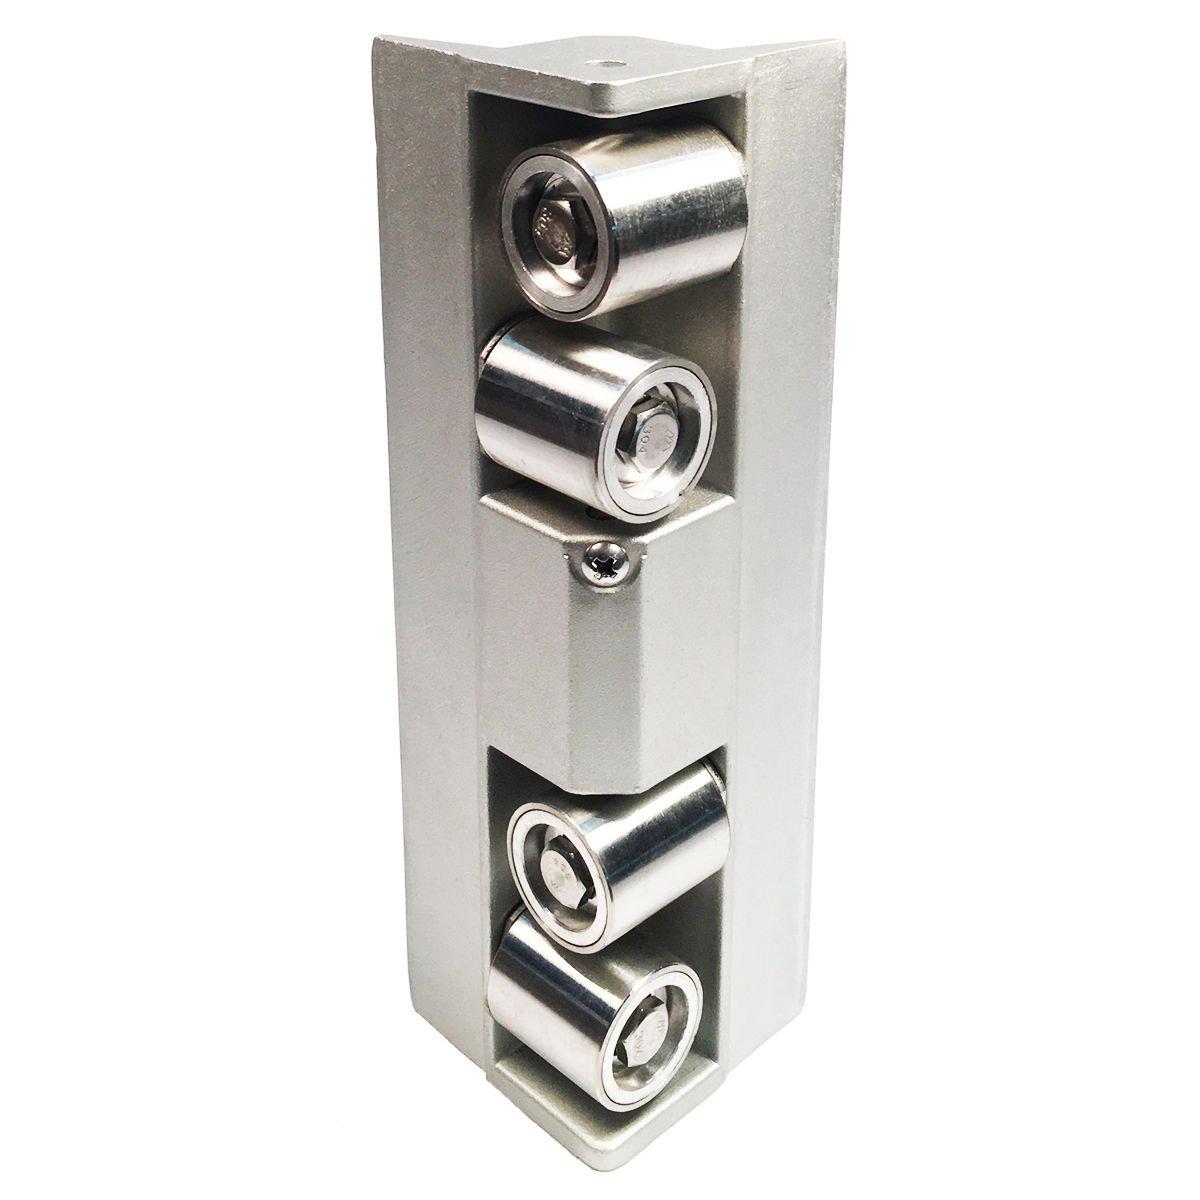 Platinum Drywall Tools Inside Drywall Corner Roller - PRO GRADE - NEW